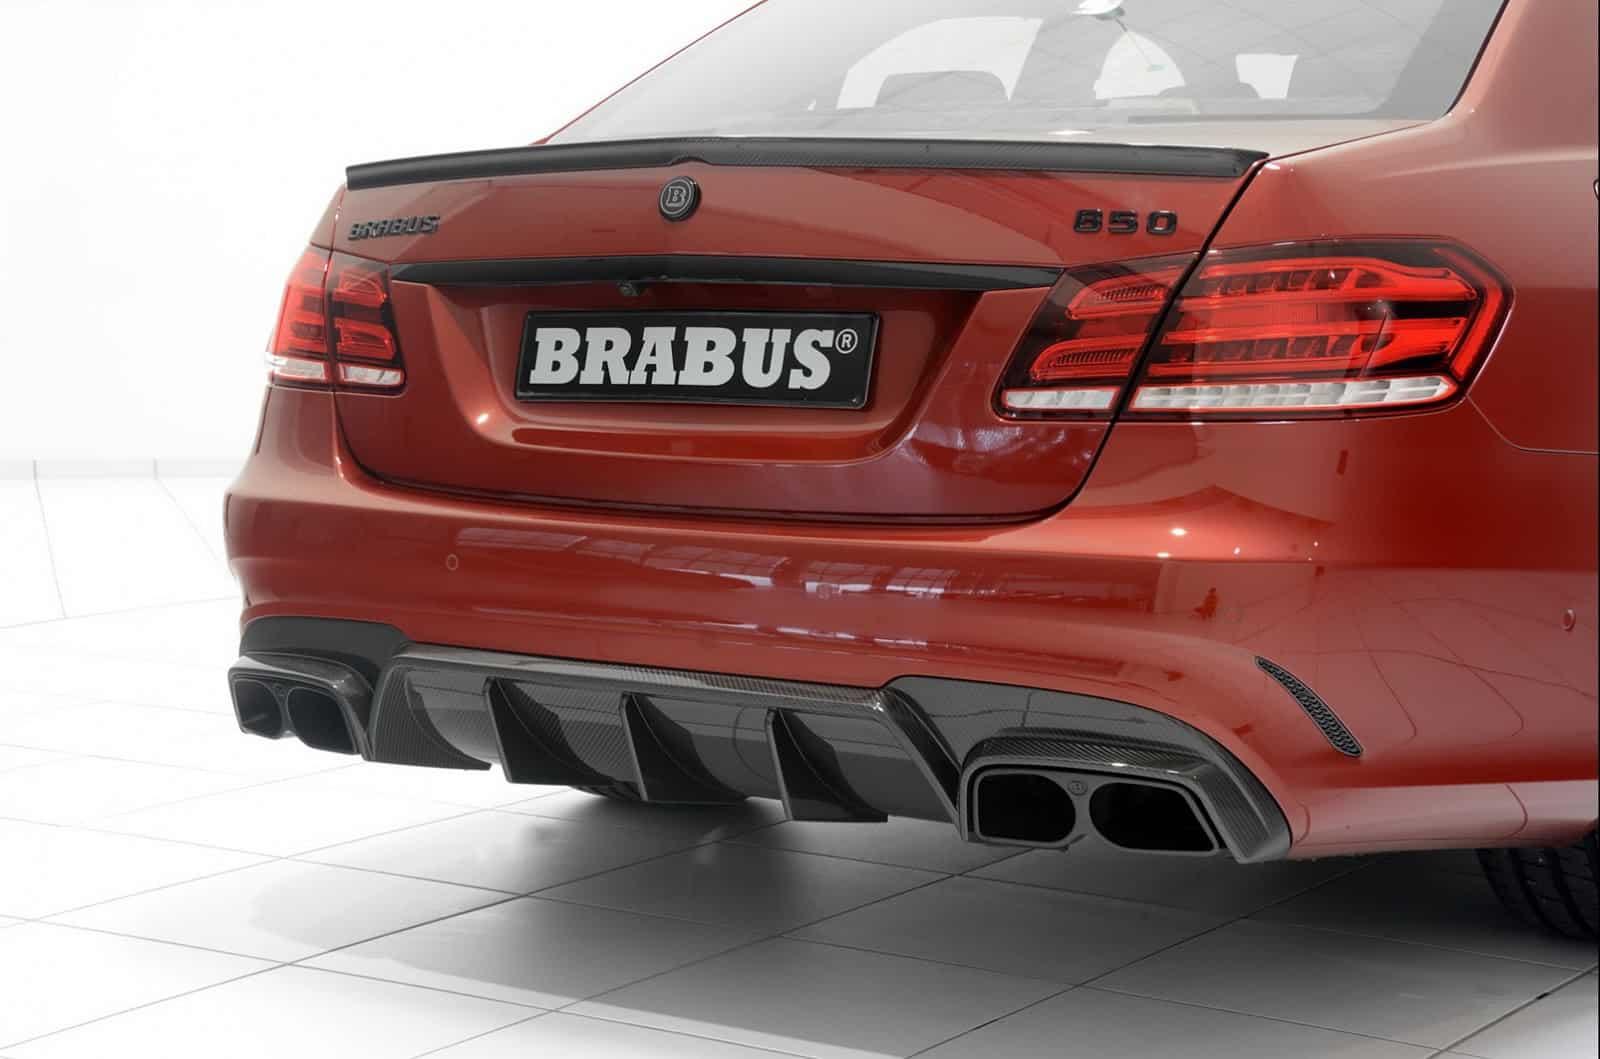 brabus-e63-850-biturbo-13